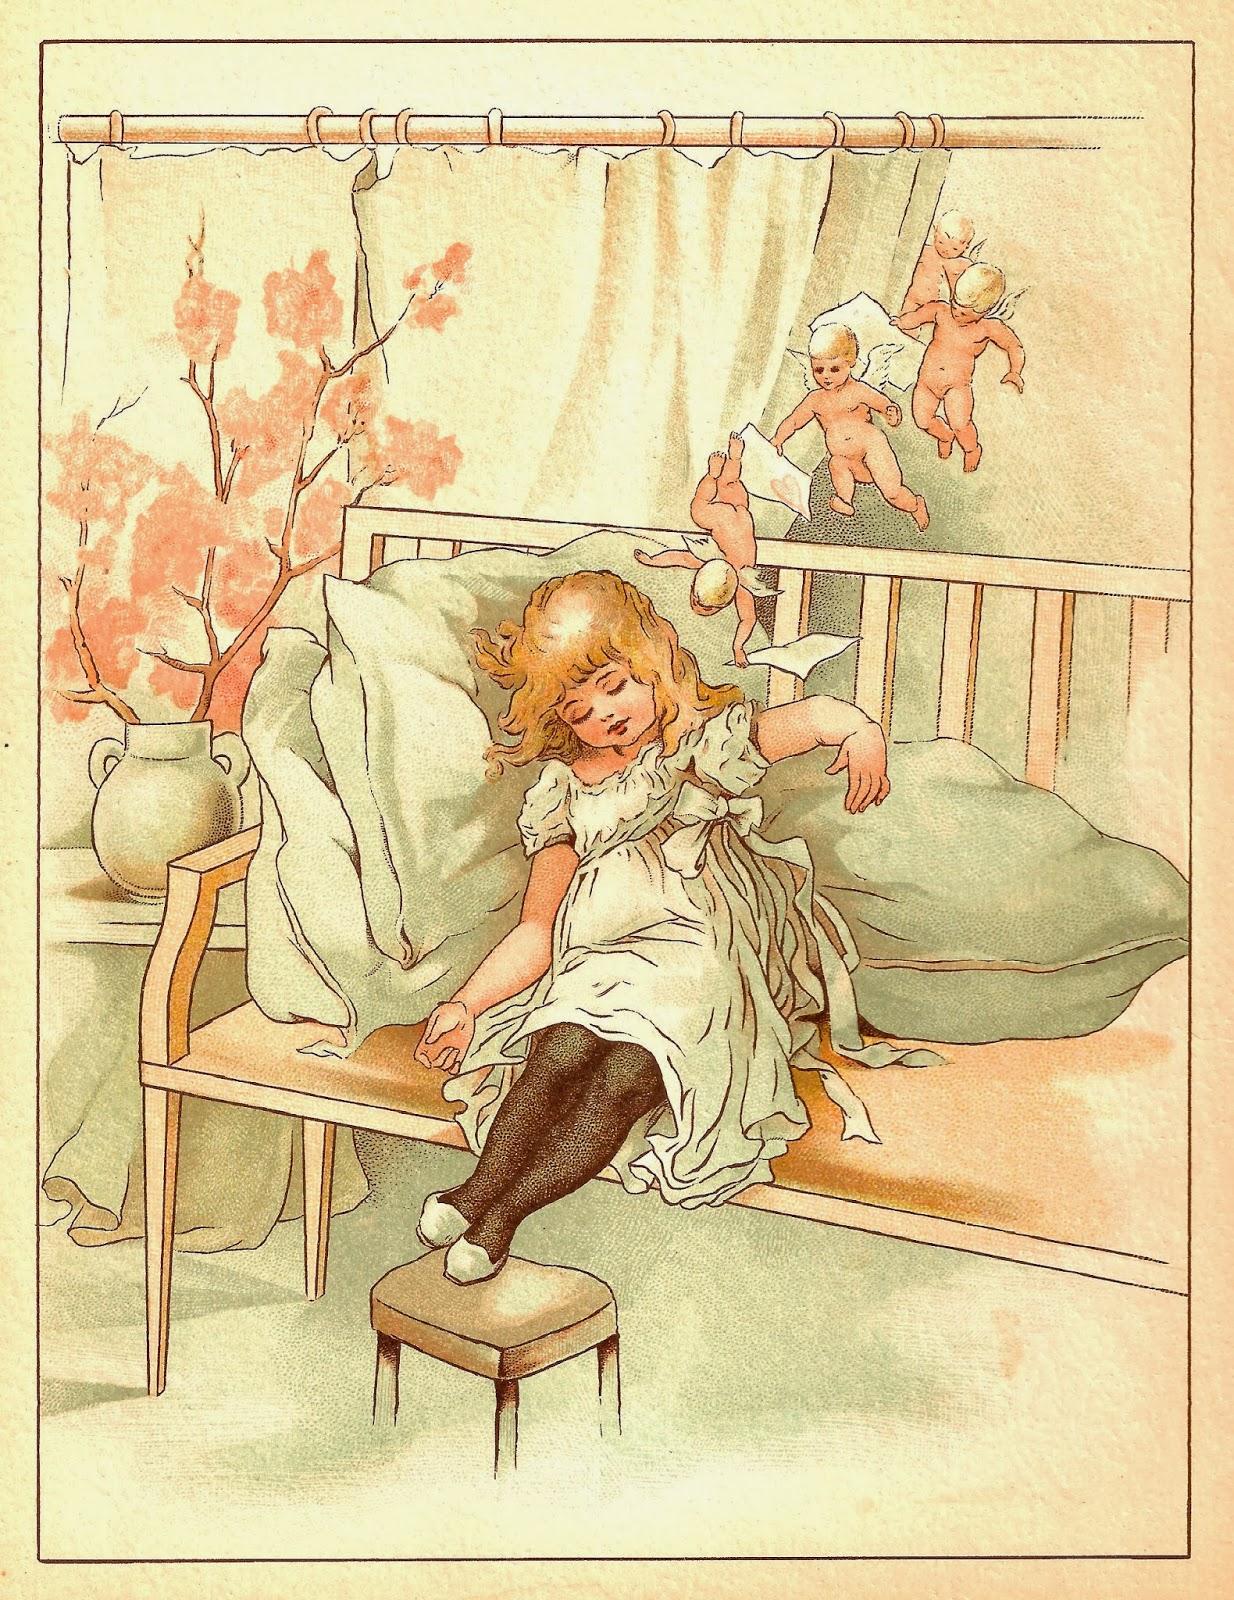 http://4.bp.blogspot.com/-mvw9CmgZZOY/UvU81dlEbkI/AAAAAAAAS1A/IVrBI5cplDo/s1600/sleeping_girl_angels.jpg